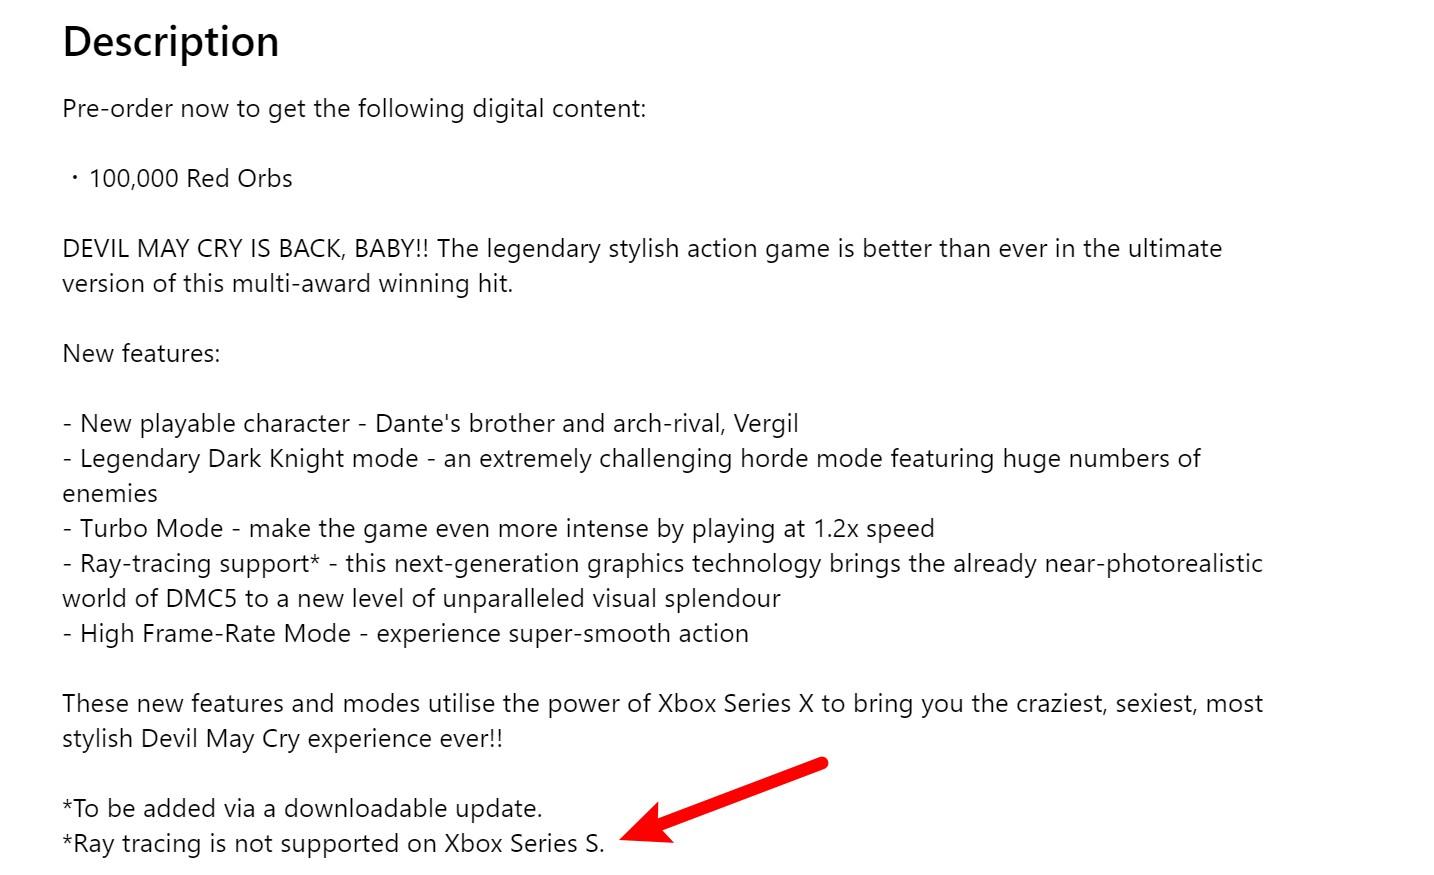 【更新】官方确认Xbox Series S不支持《鬼泣5 特别版》光线追踪